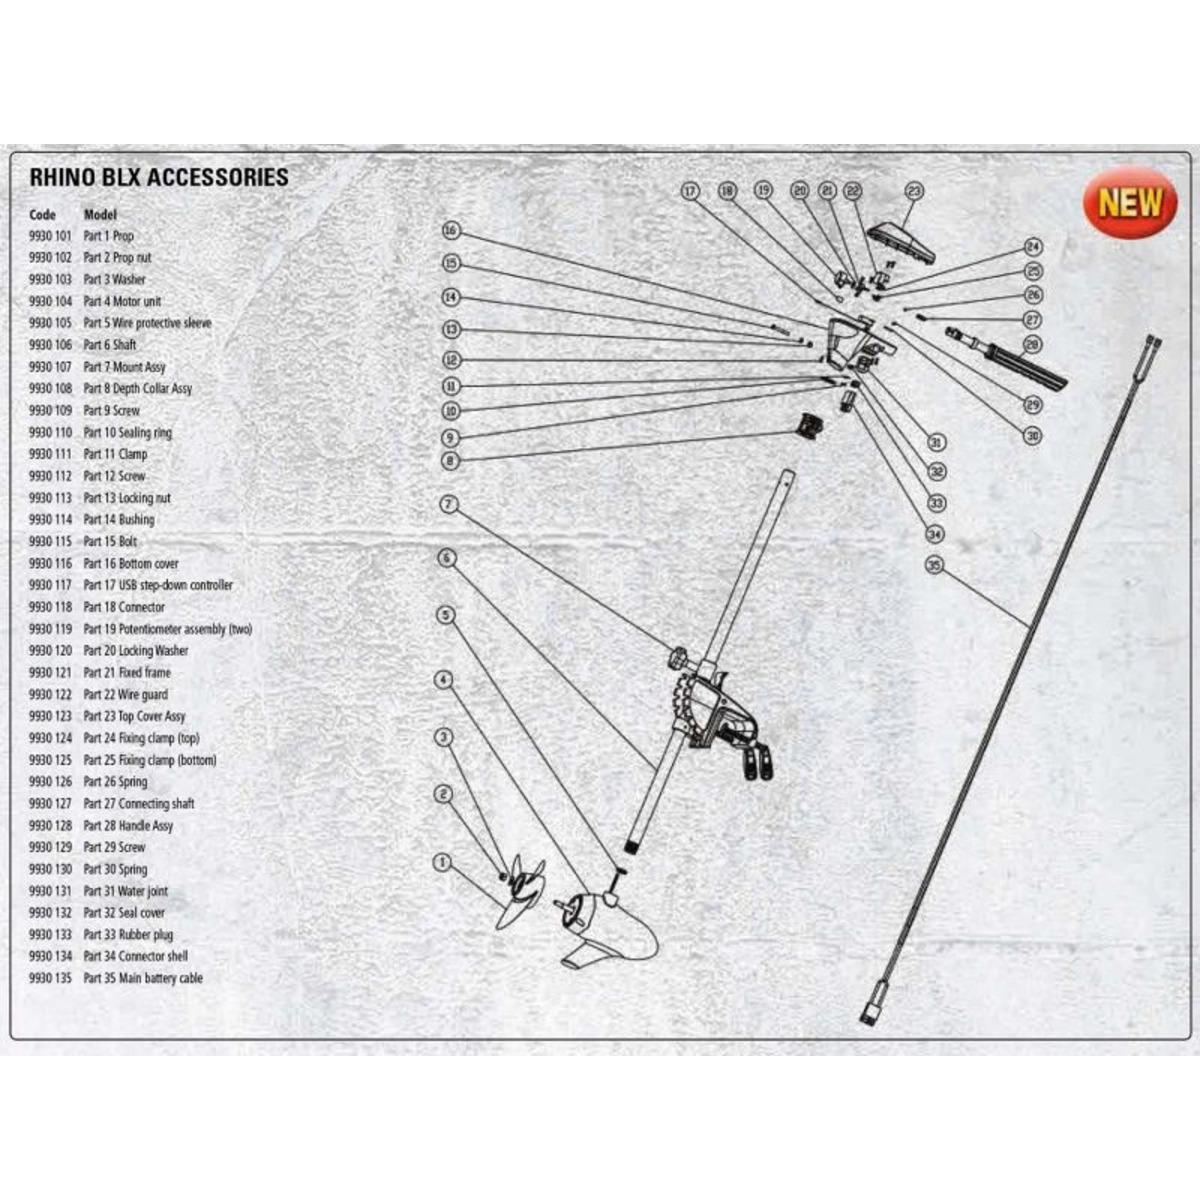 Rhino Accessori Ricambio BLX 70 Electric Outboard Motor - Screw - Teil 29